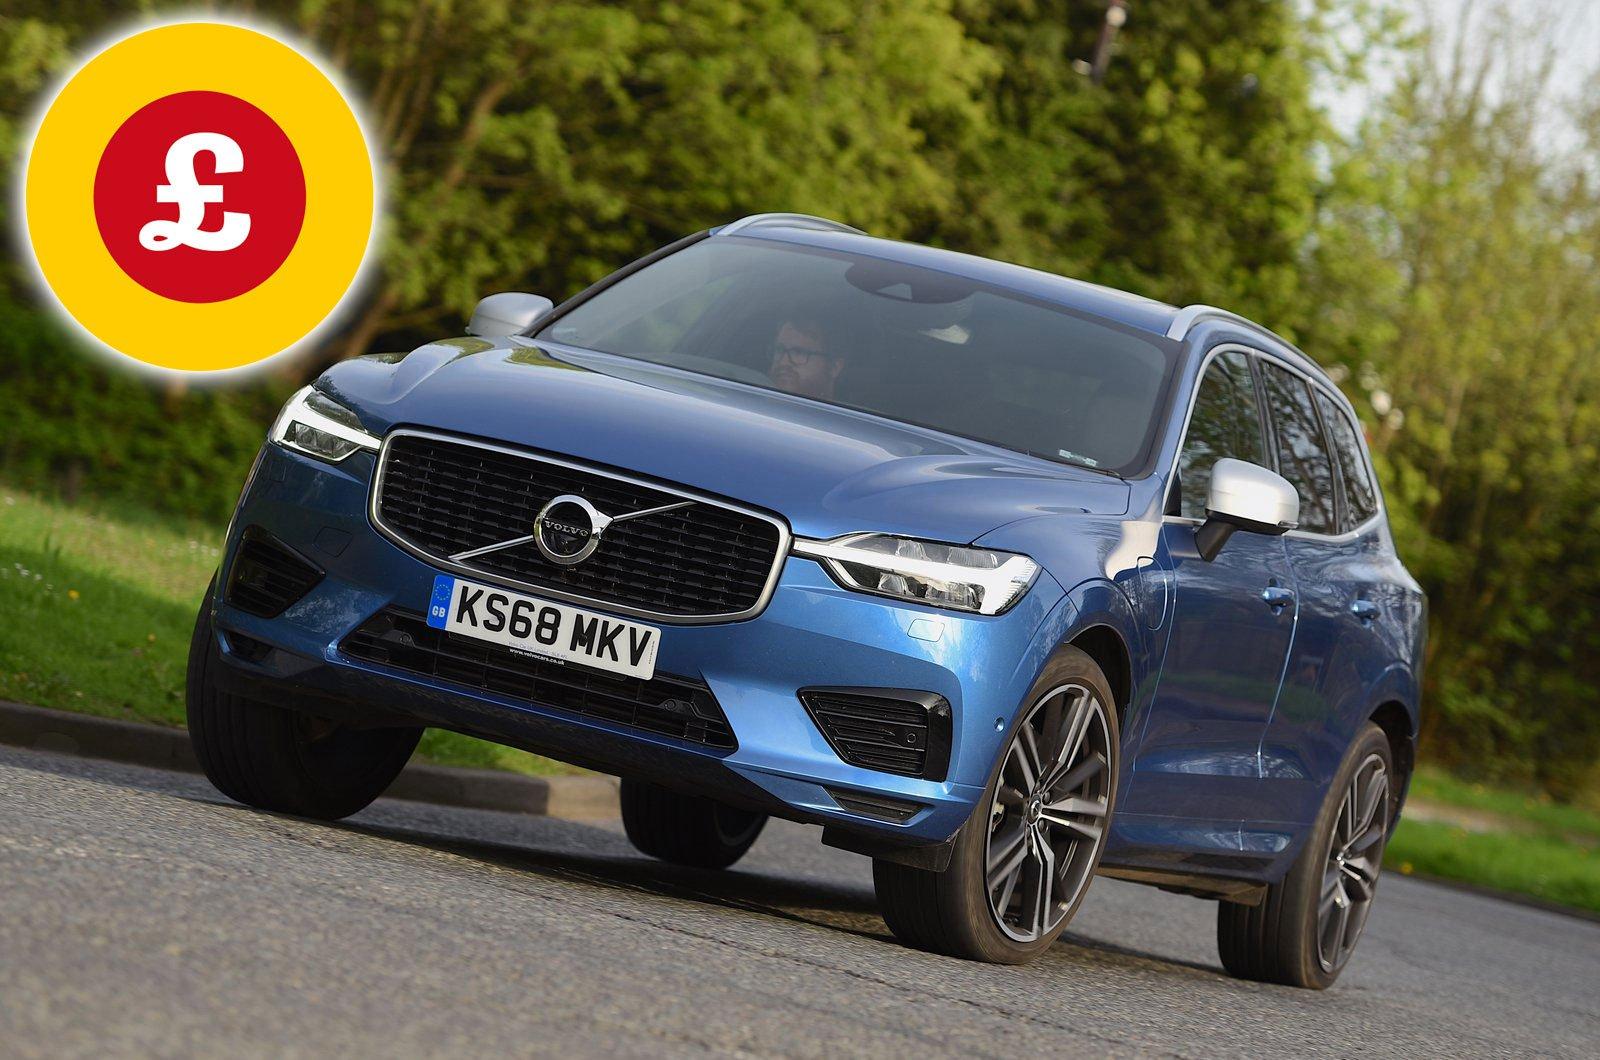 Volvo XC60 SUV deals